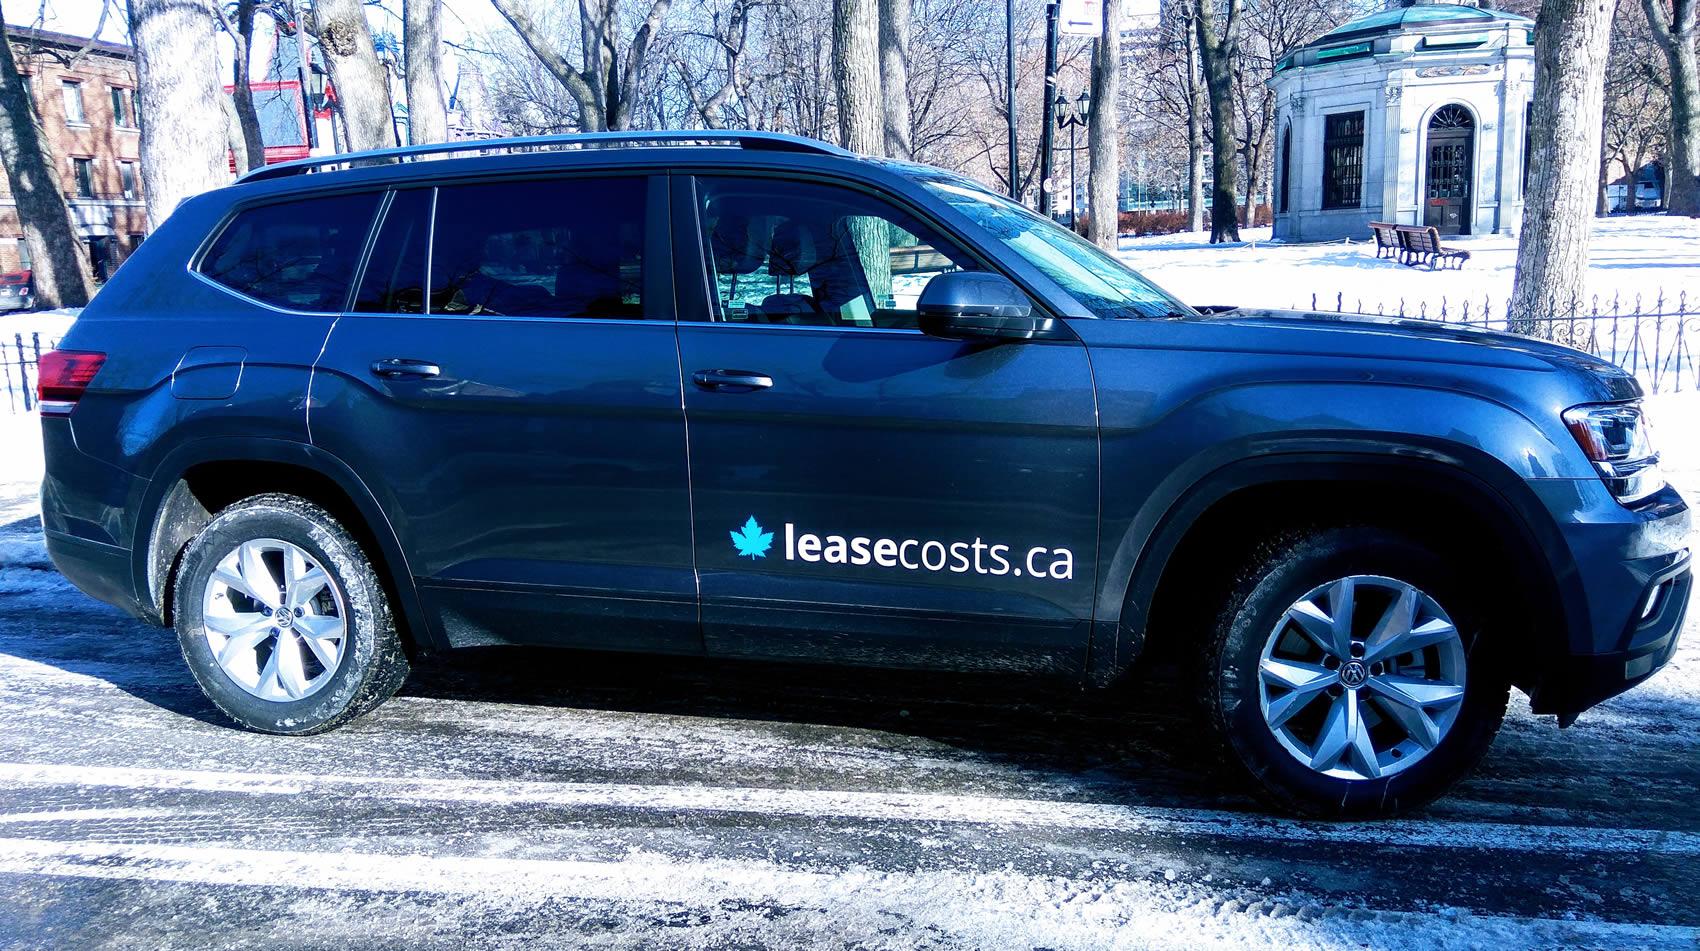 volkswagen atlas sales  canada     leasecosts canada